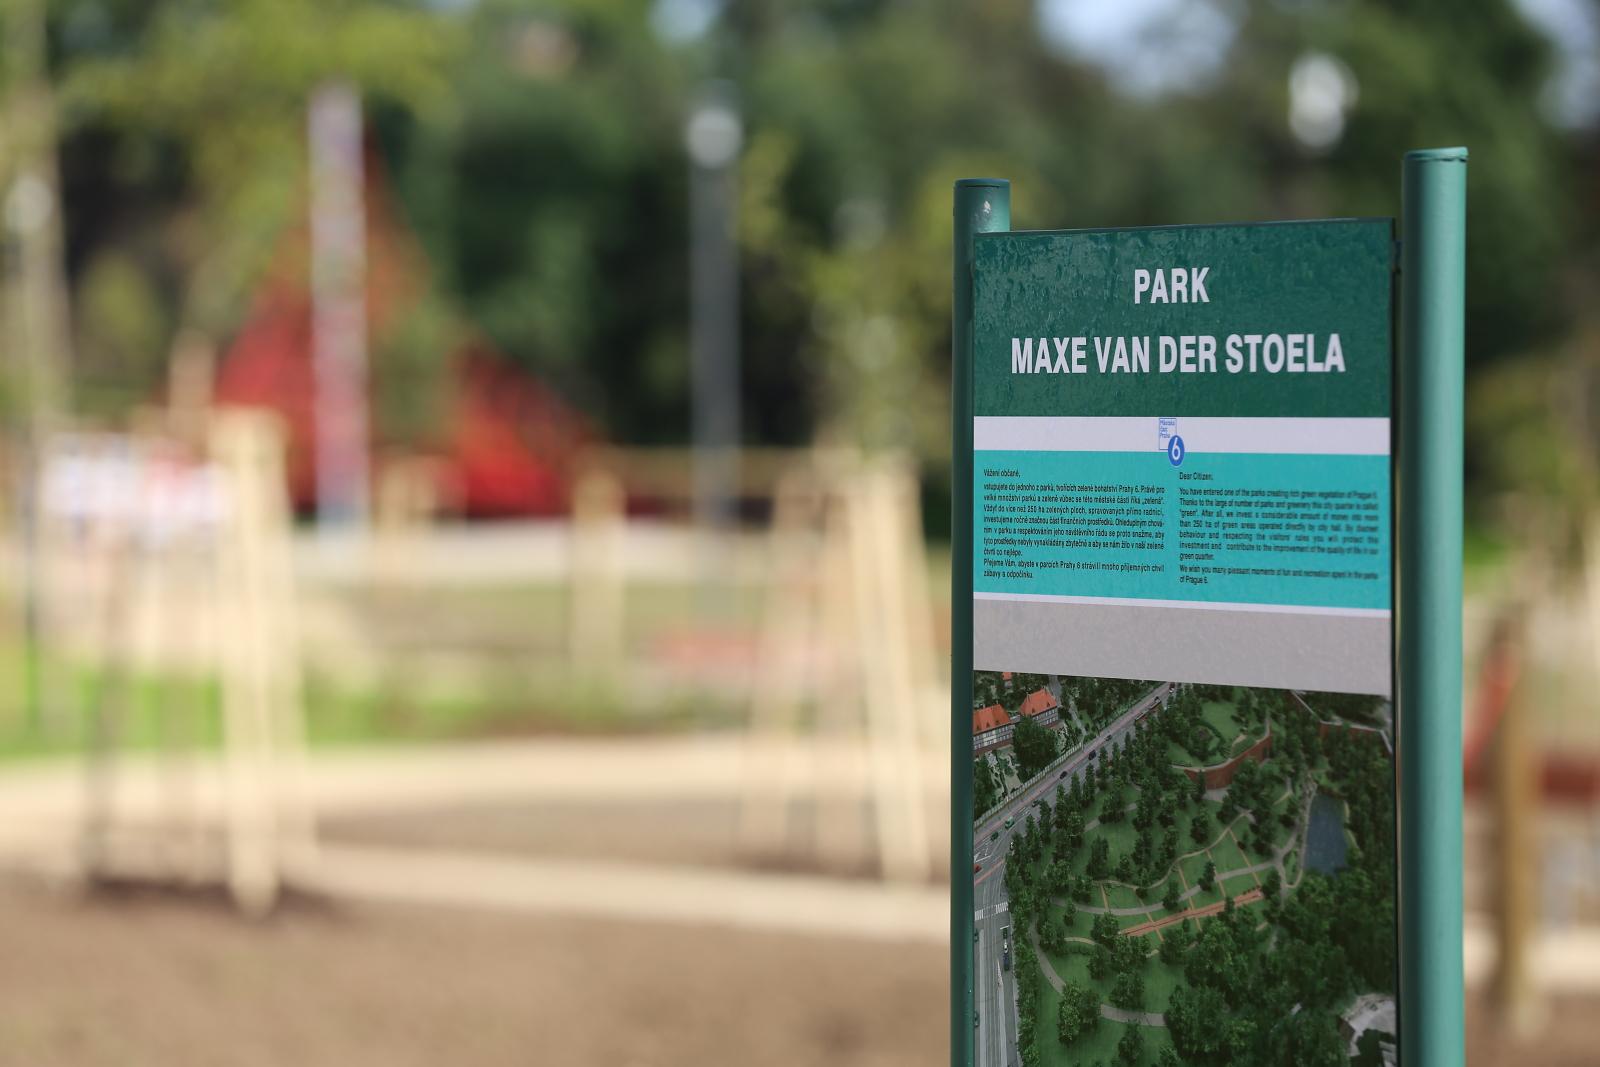 Park Maxe van der Stoela